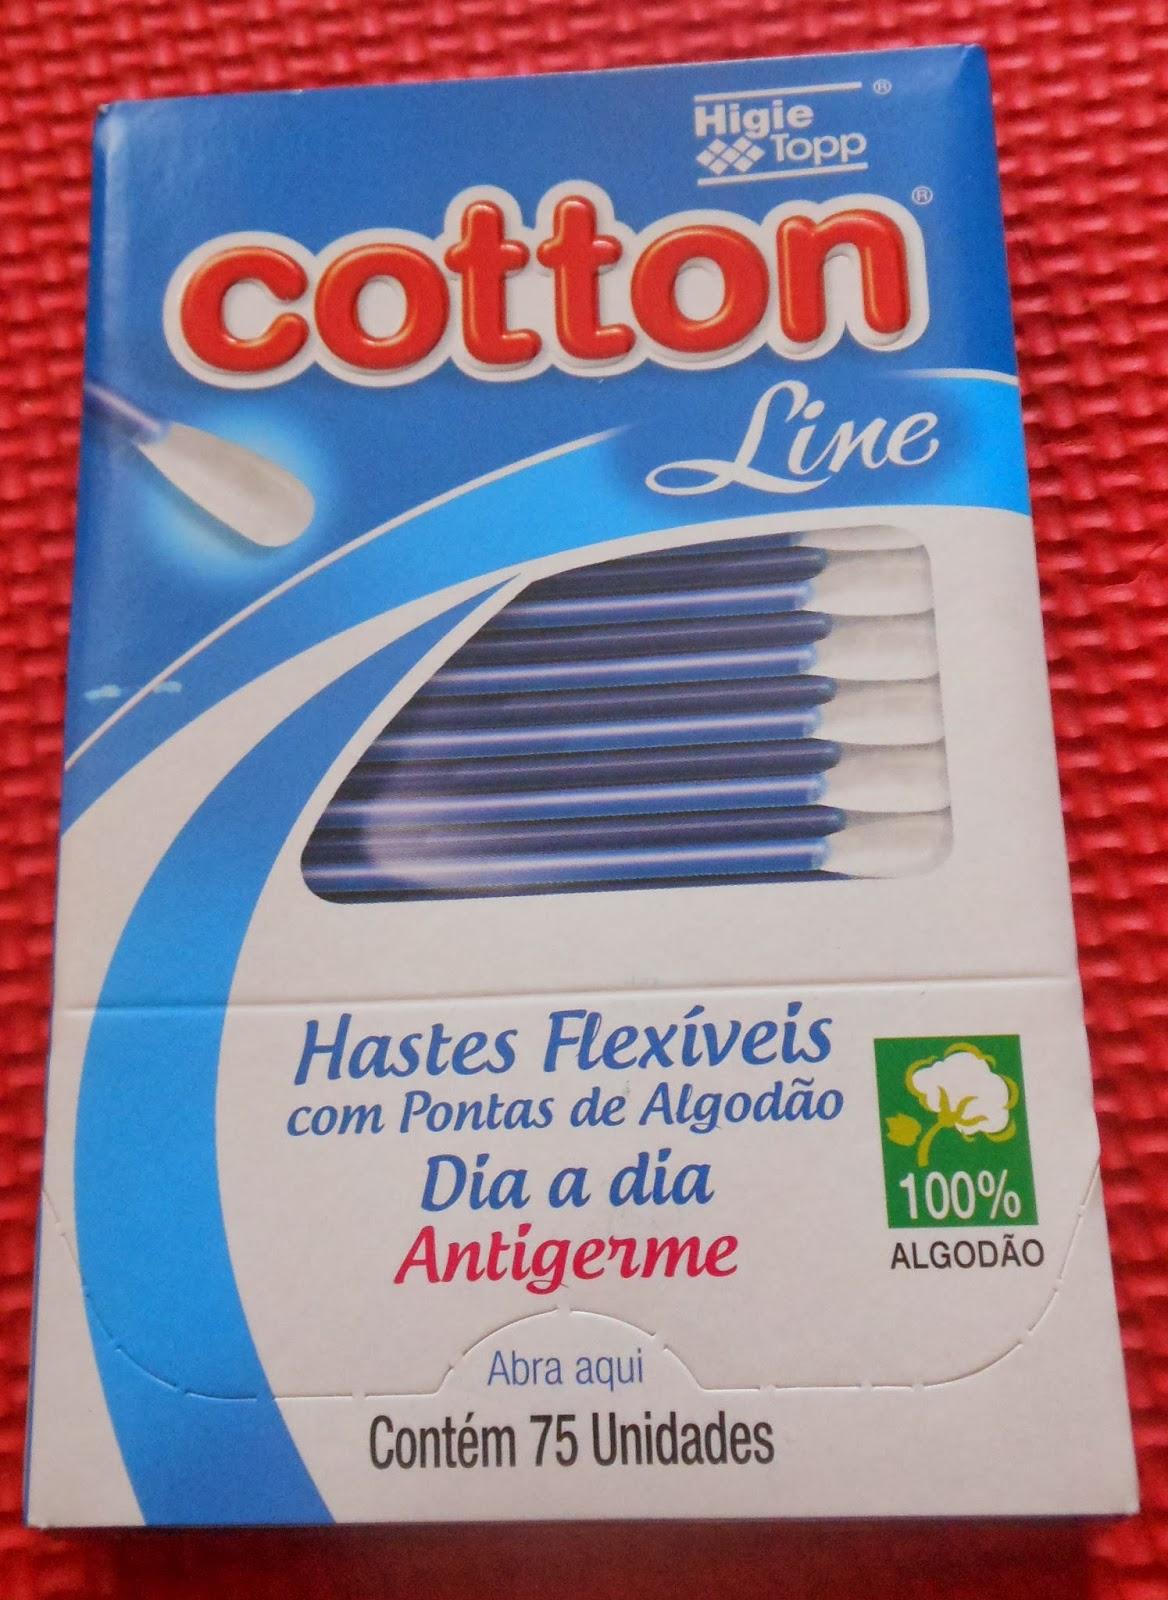 hastes flexíveis cotton line dia a dia